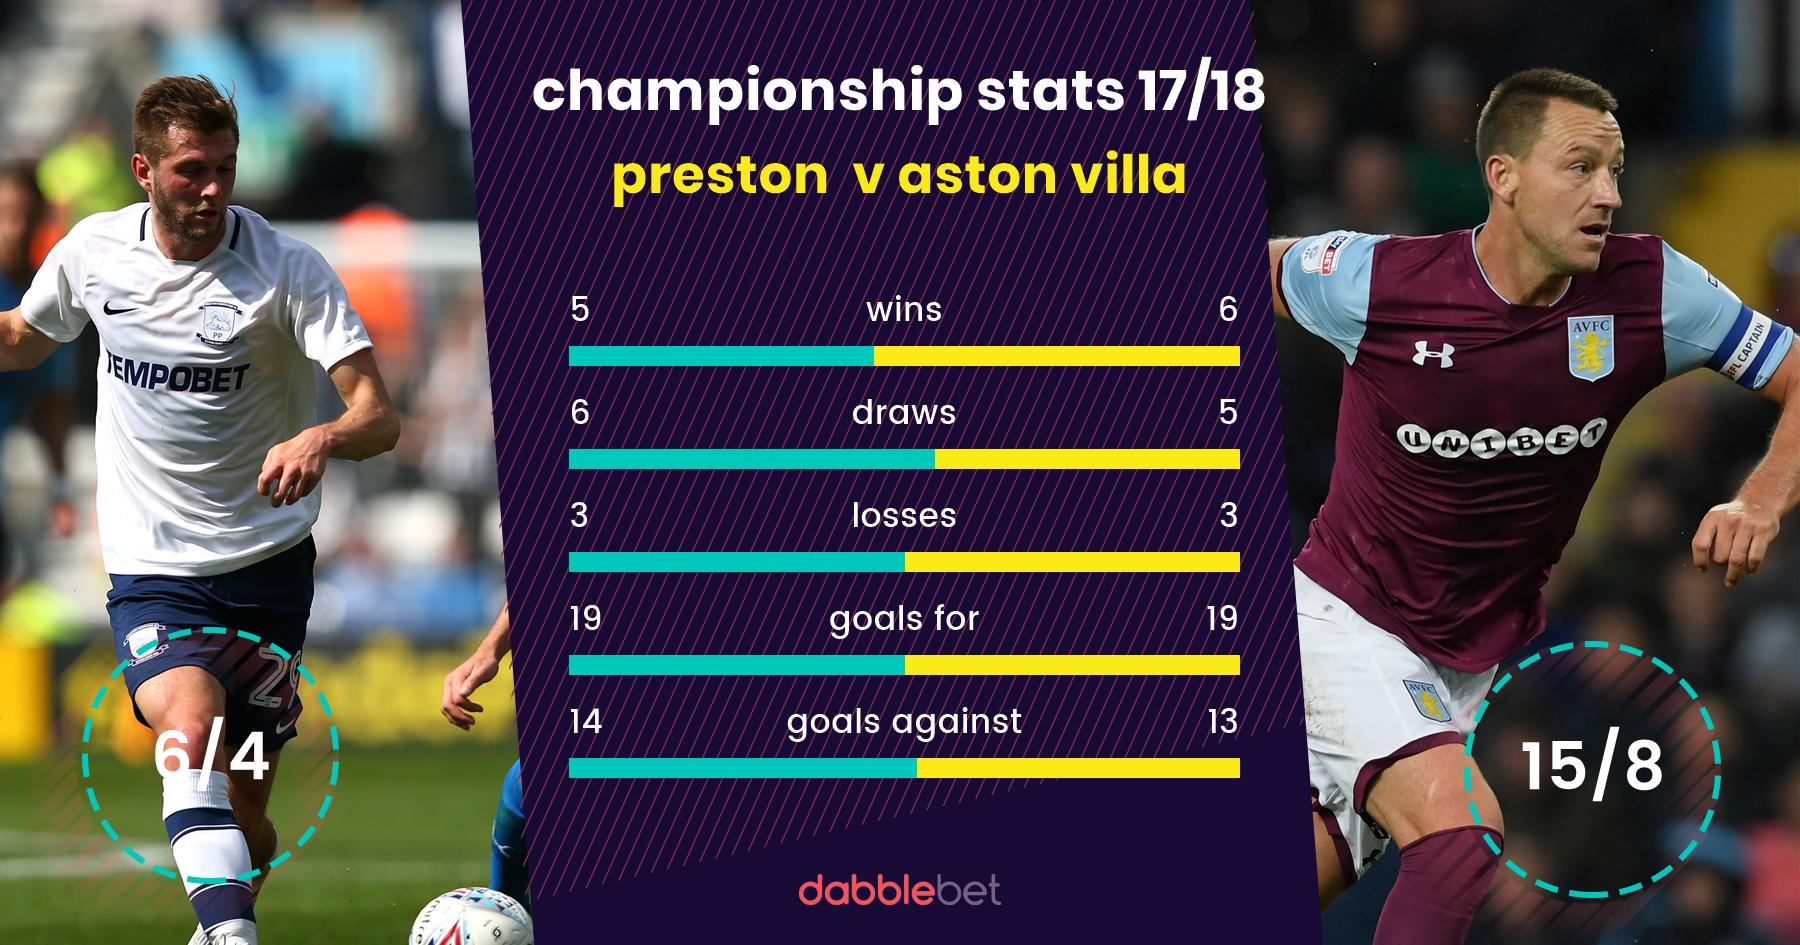 Preston Aston Villa graphic